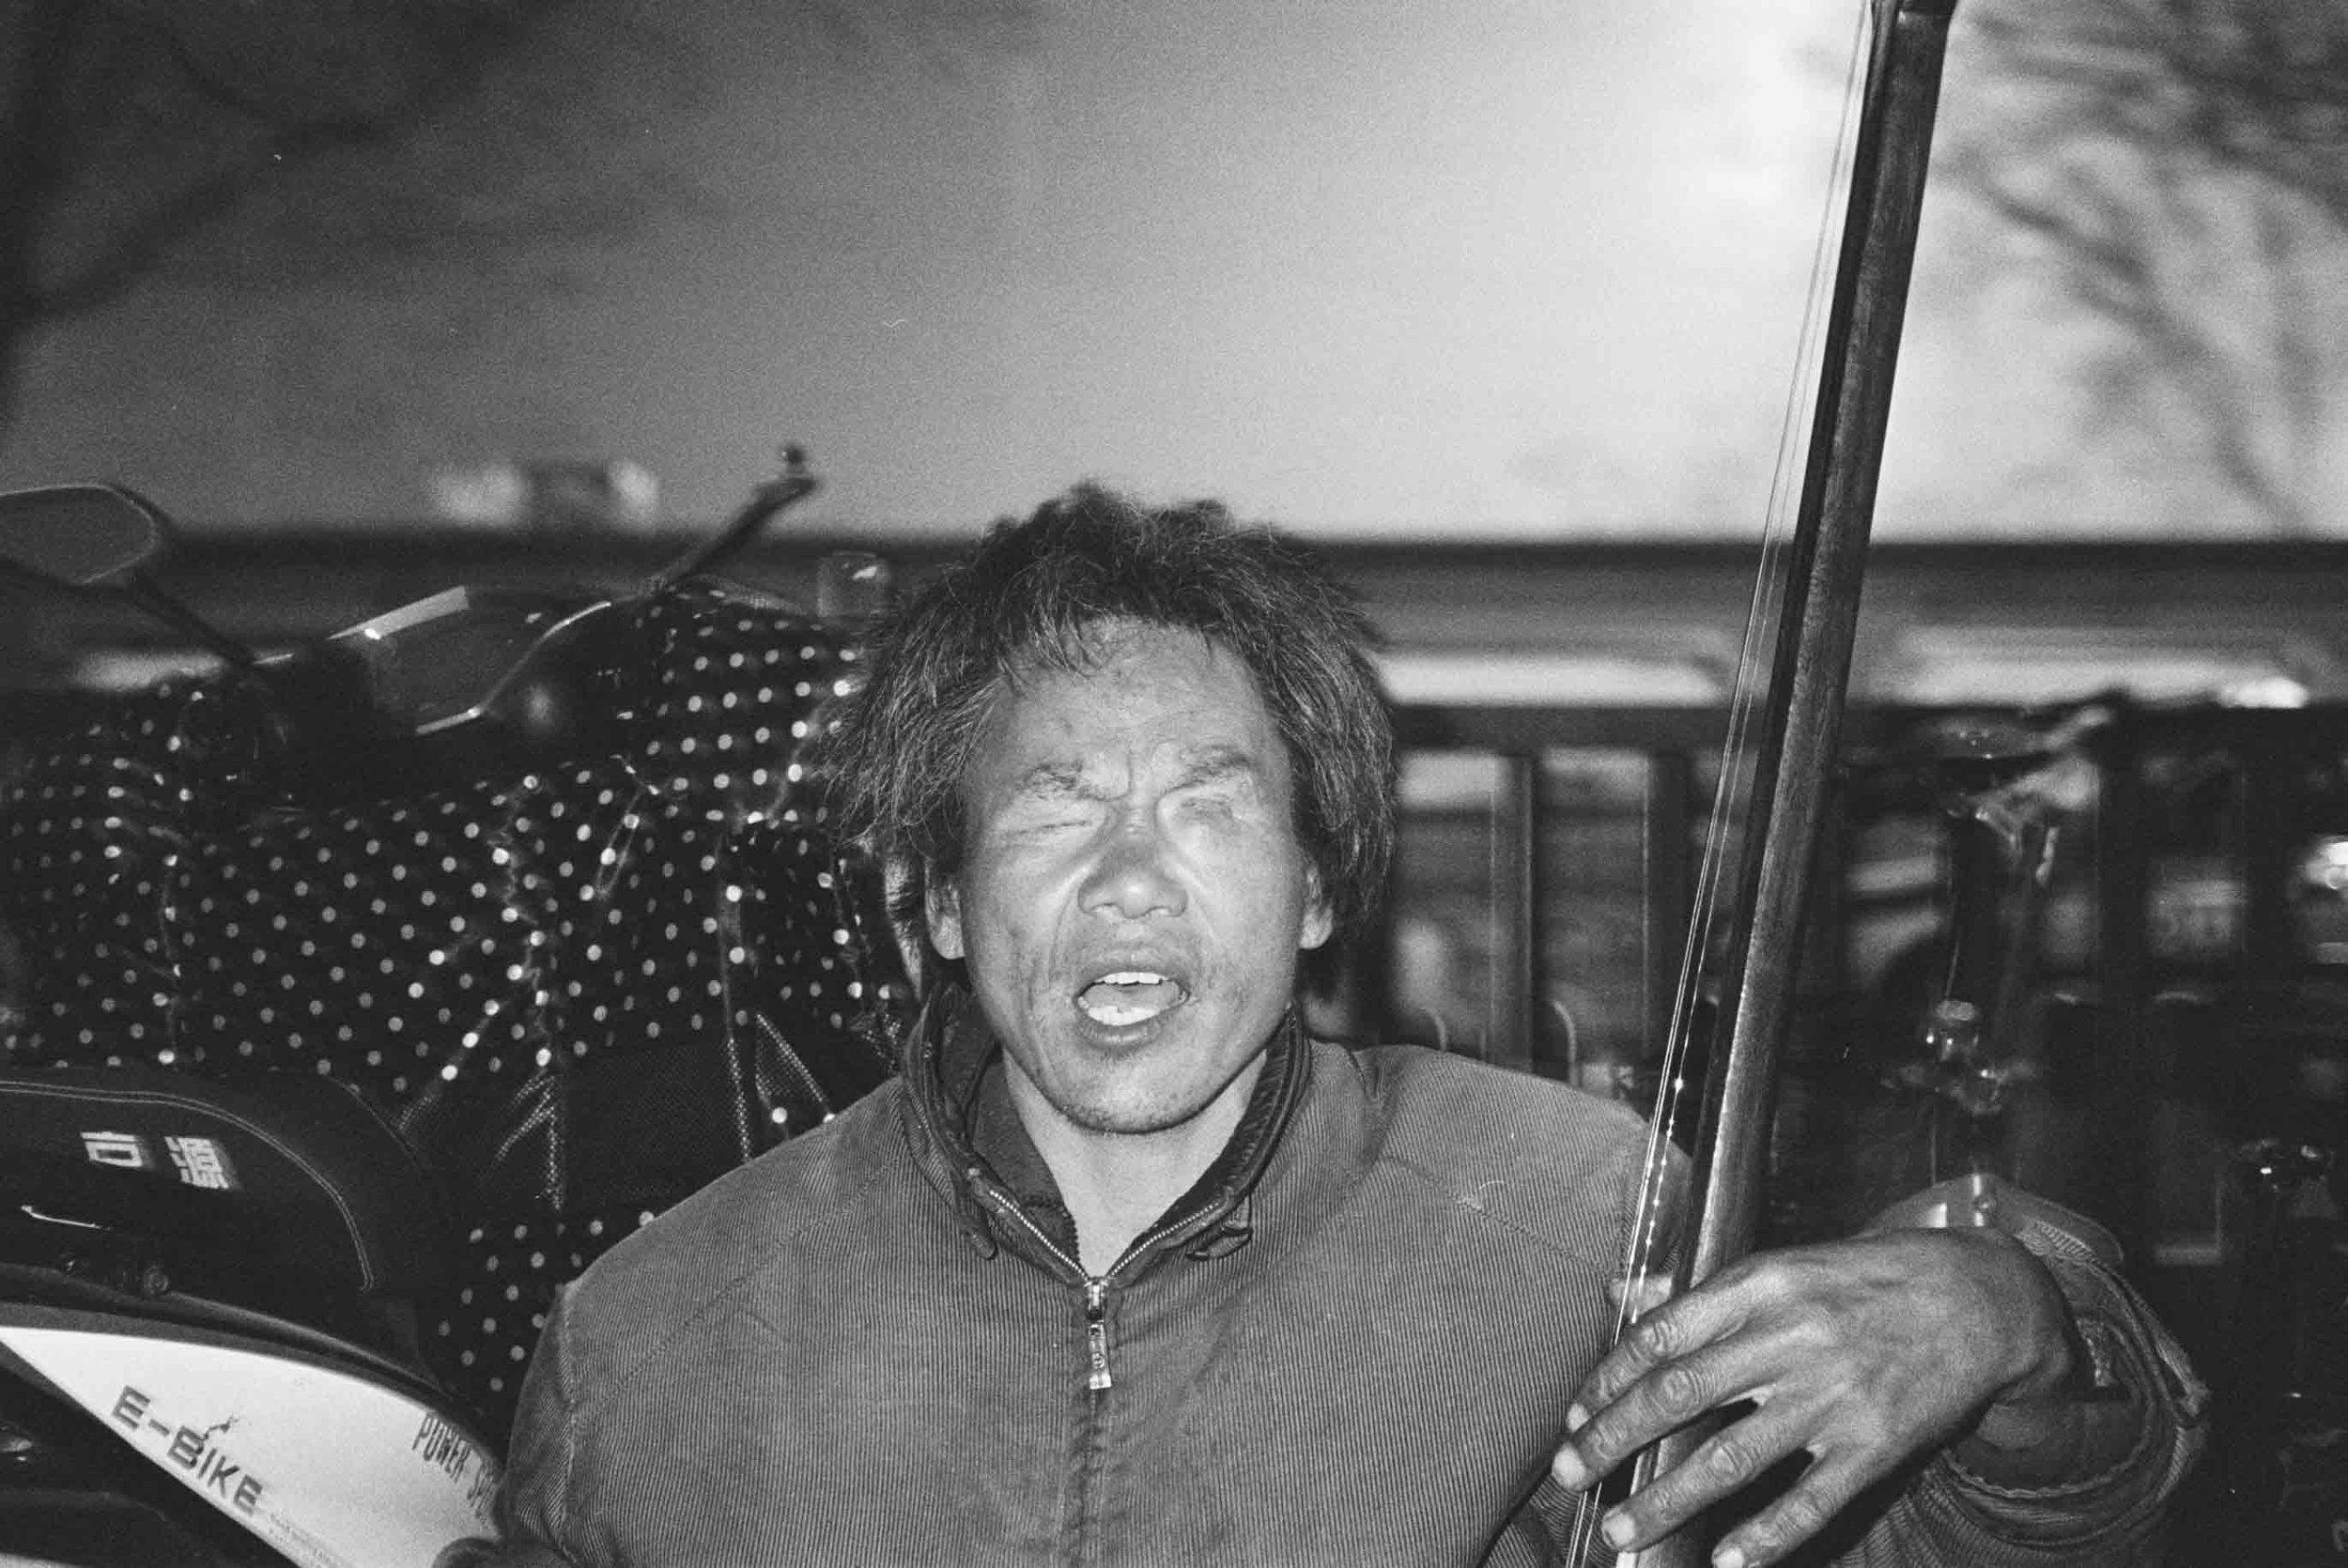 Blind Street Performer. Beijing, 2018.